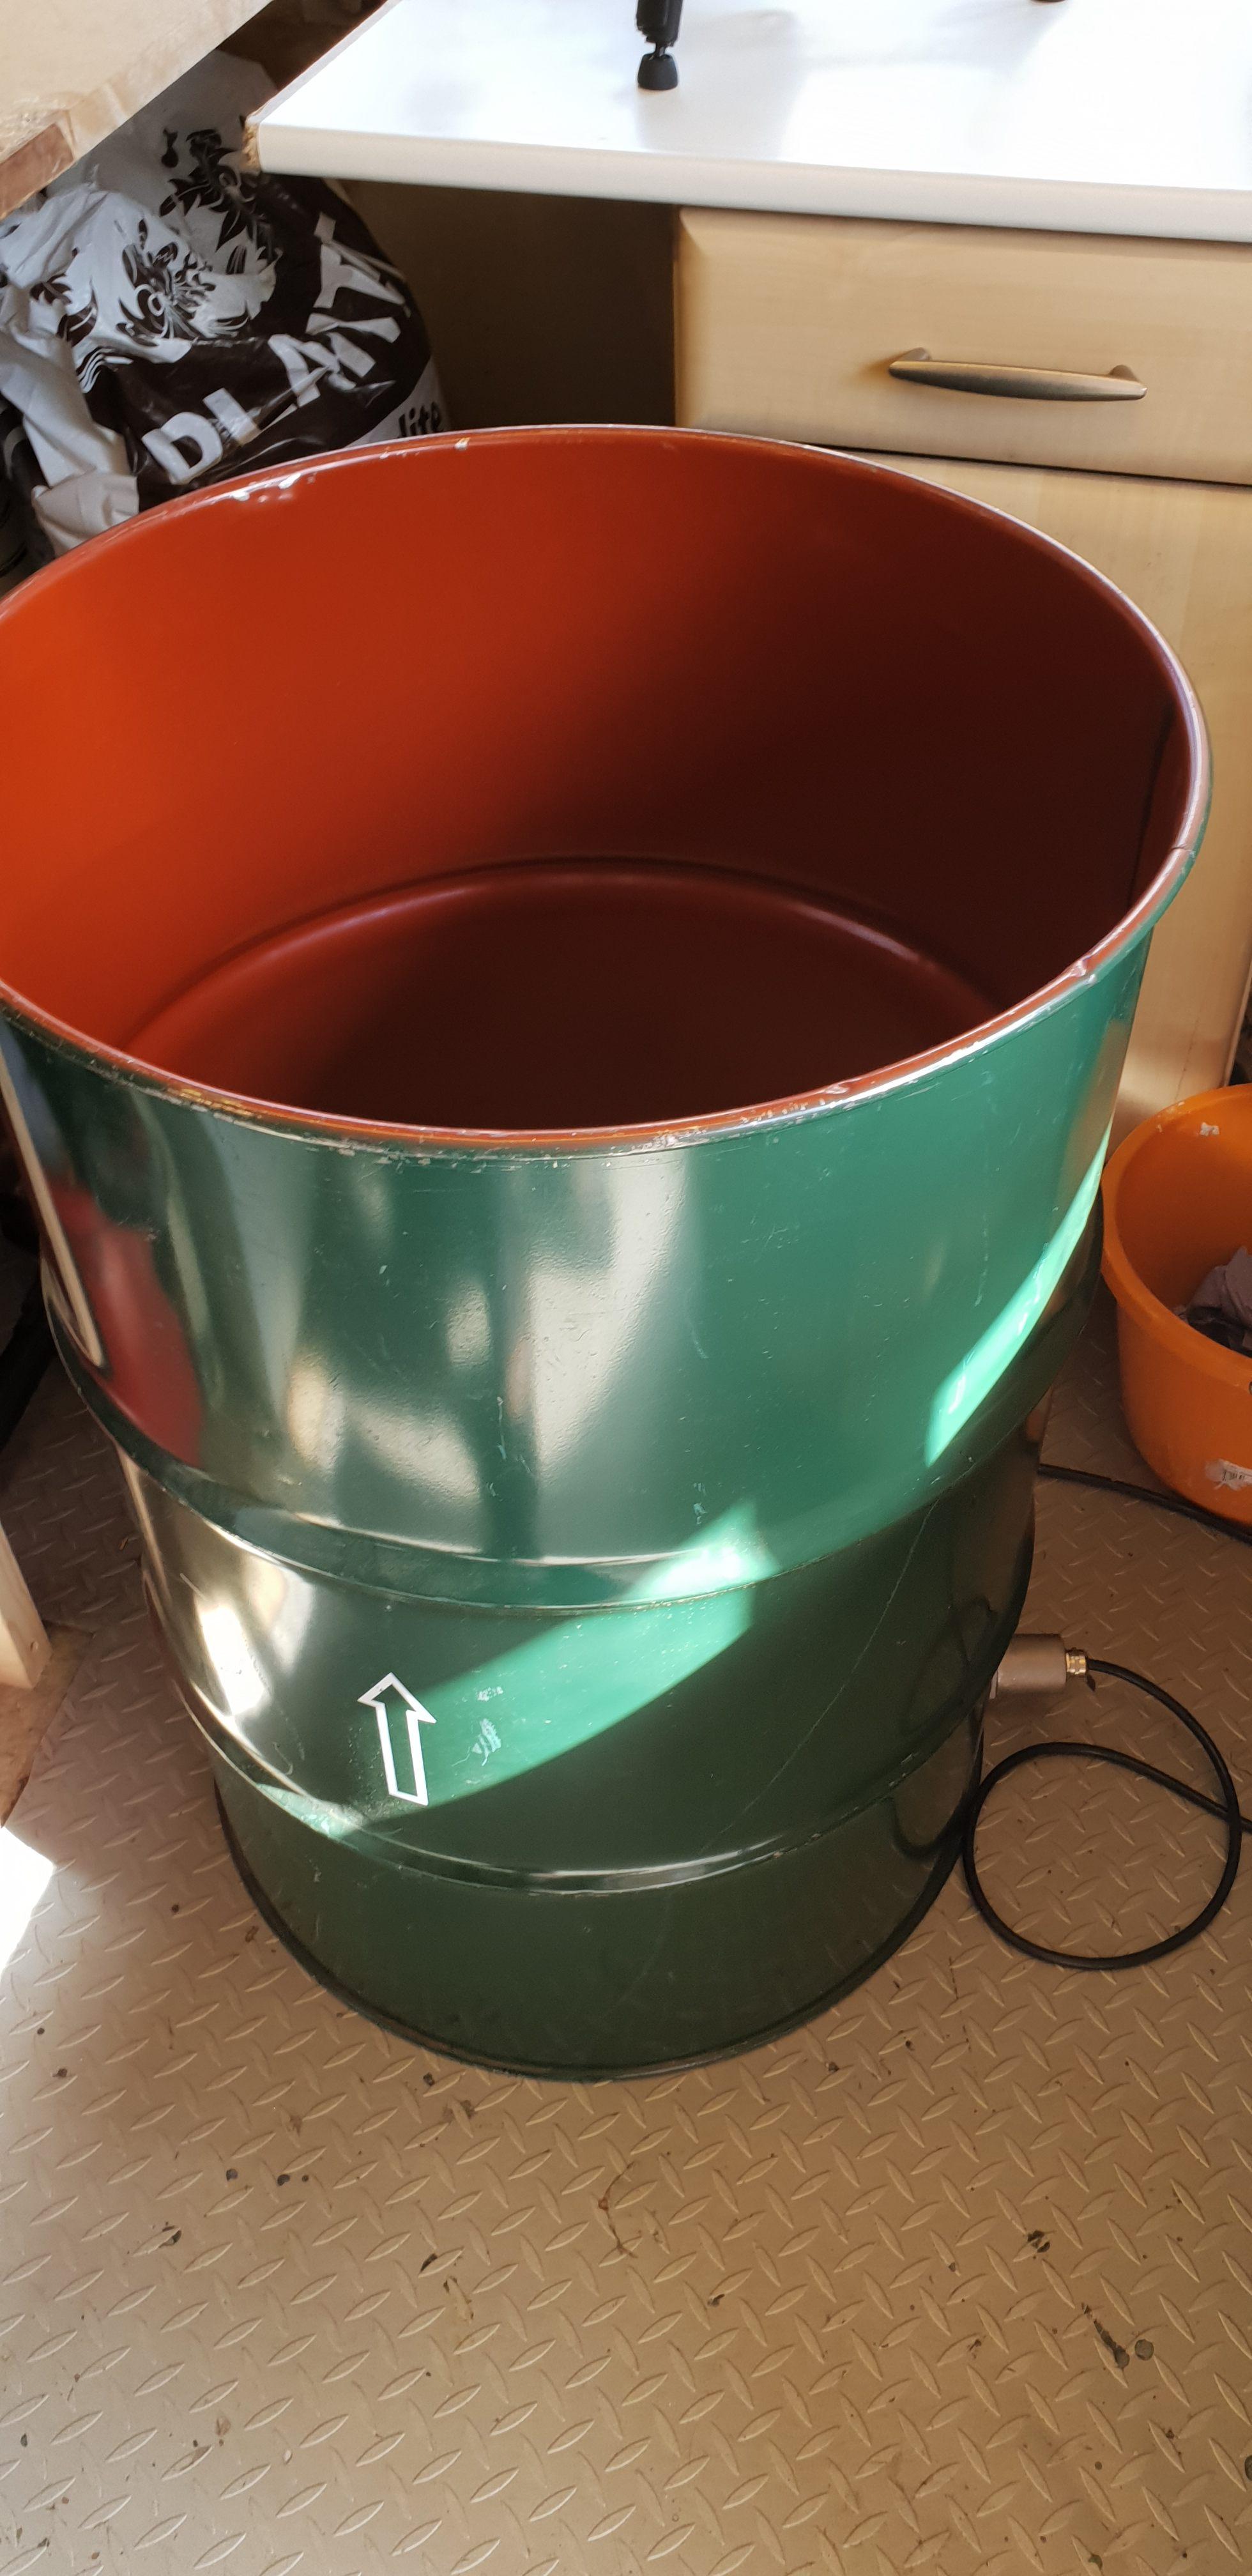 Homemade Mushroom Steriliser | Homemade Bubba Barrel | Archer's Mushrooms